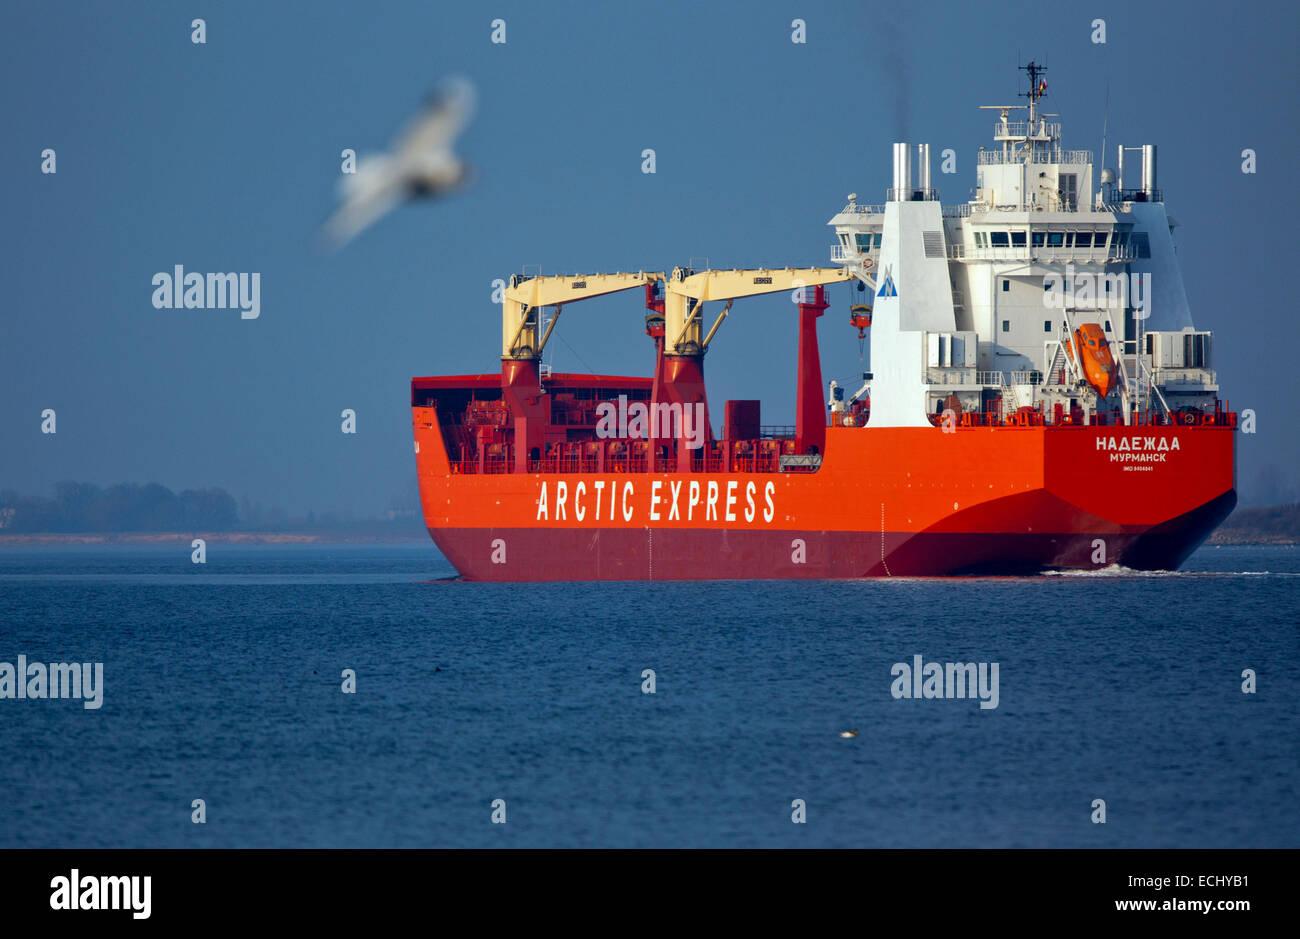 Bauunternehmen Wismar die arktische container frachtschiff nadezha blätter der